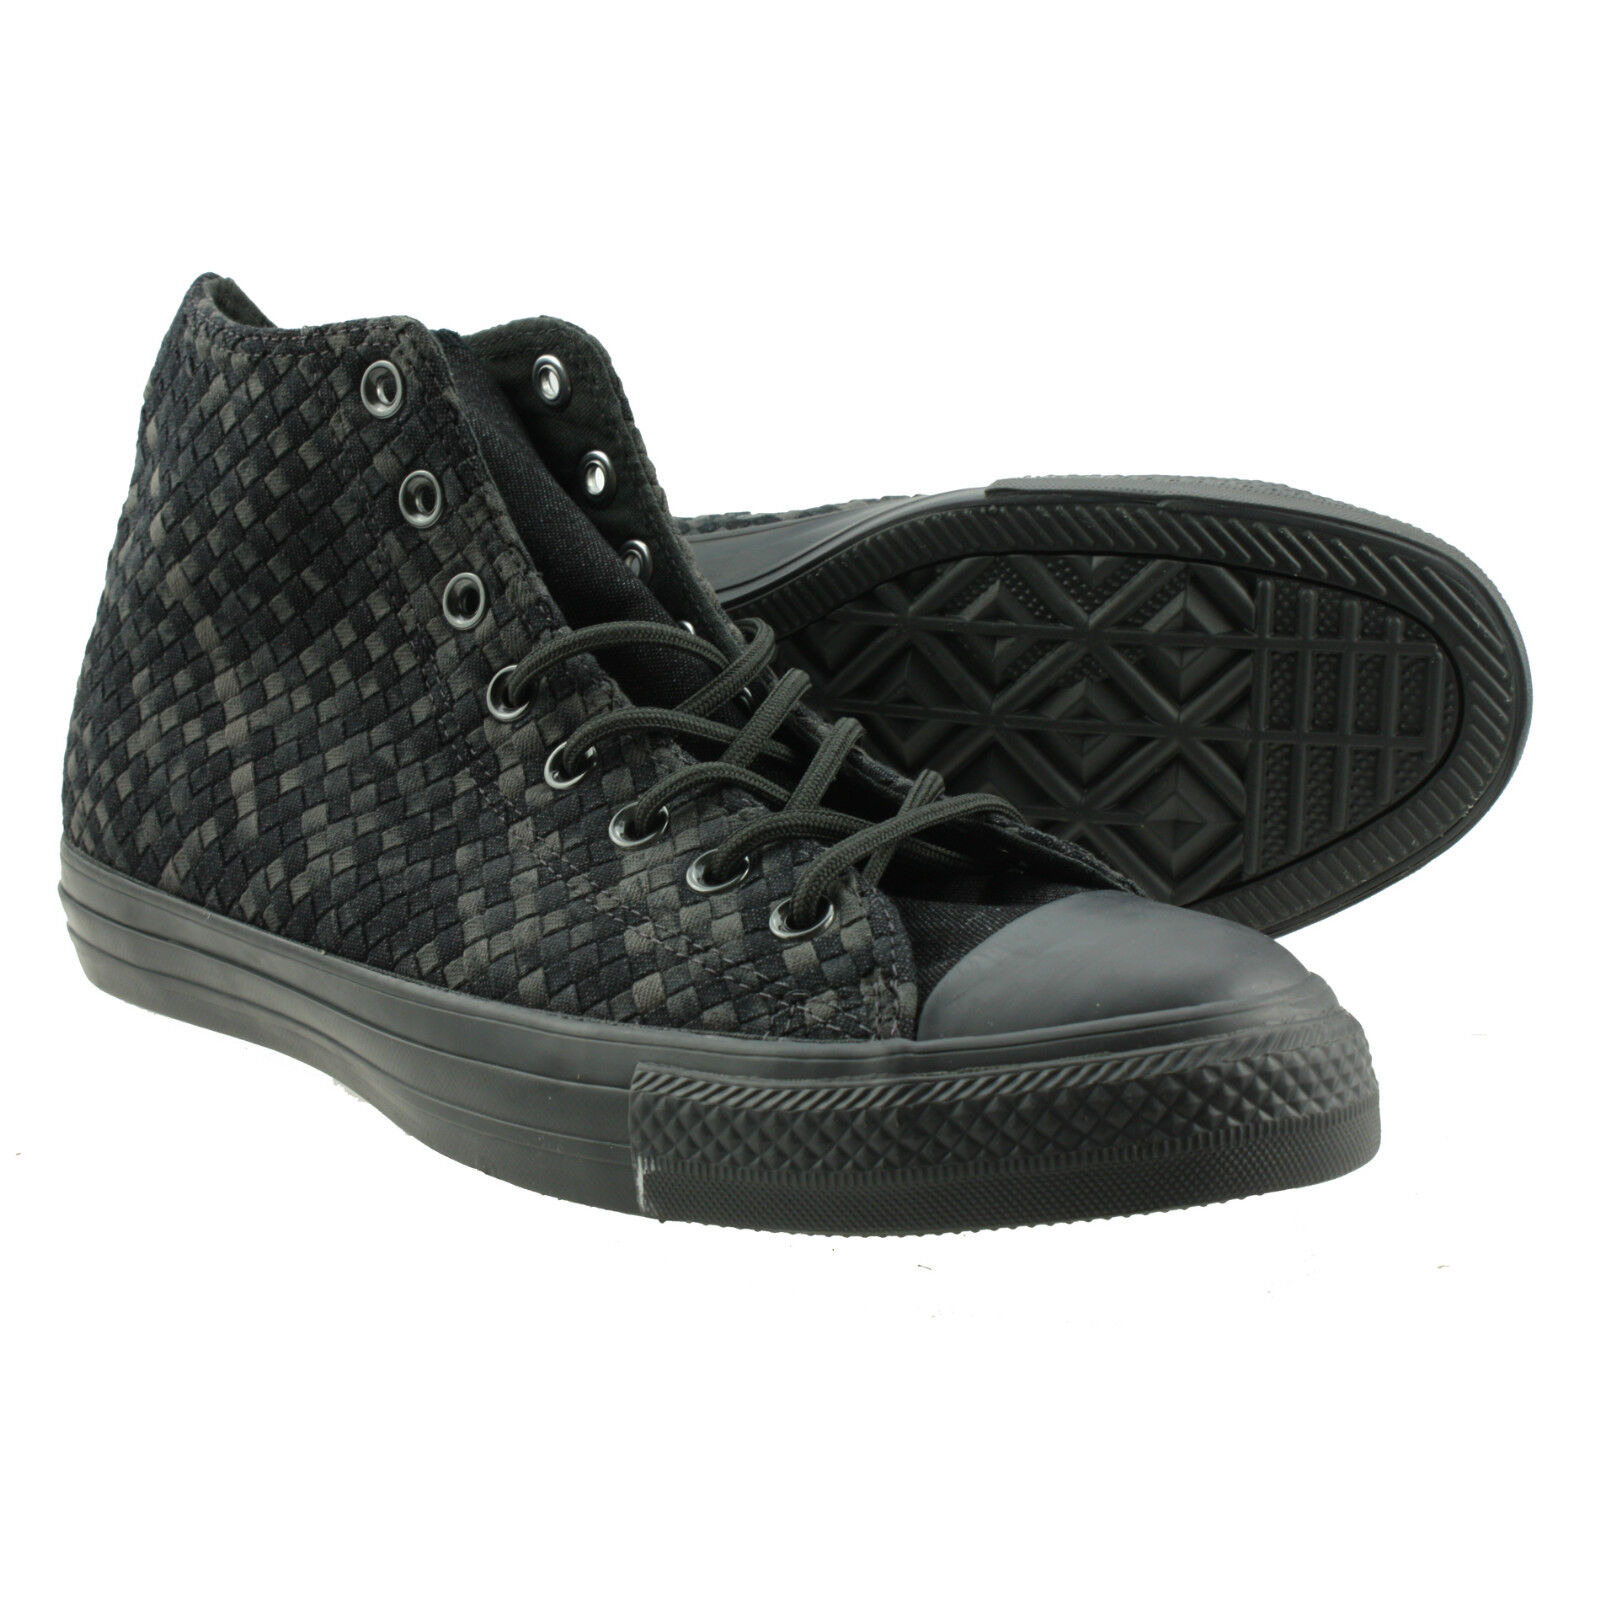 Converse - ETG Hi Noir/Storm Vent/STORM Chuck limité Taylor Chucks Chaussures limité Chuck 89db05